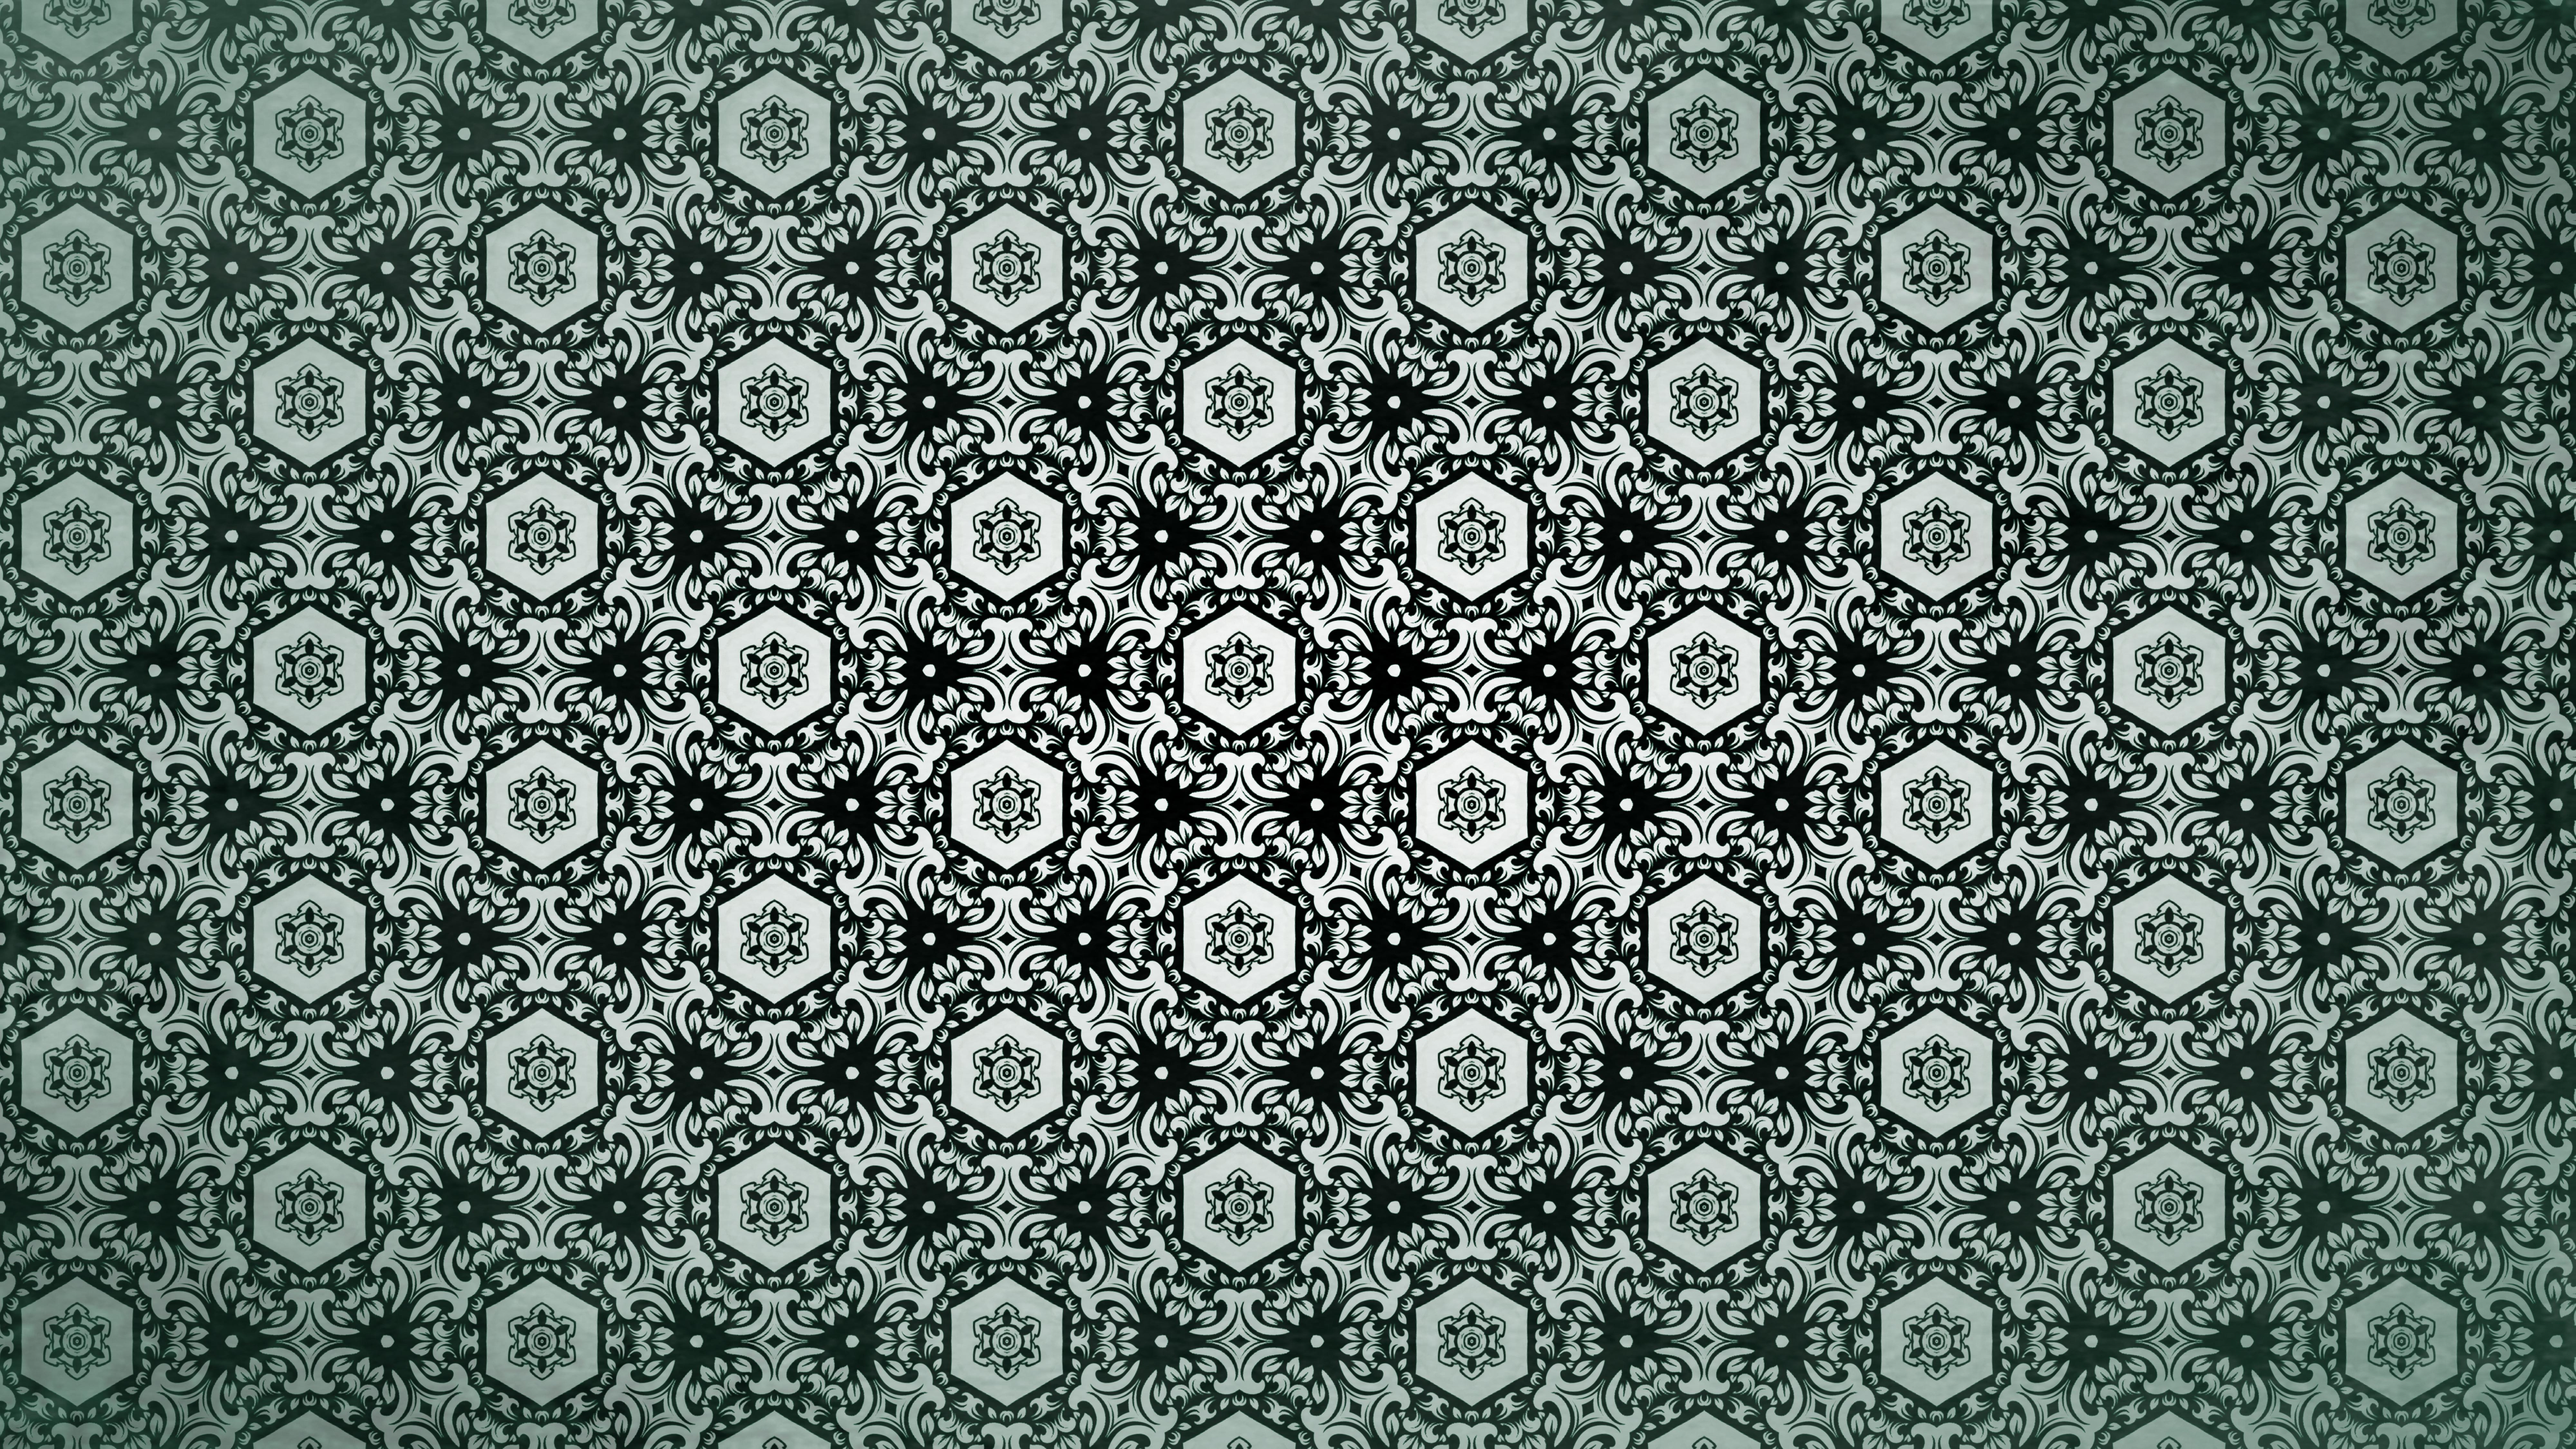 Dark Green Vintage Seamless Floral Background Pattern